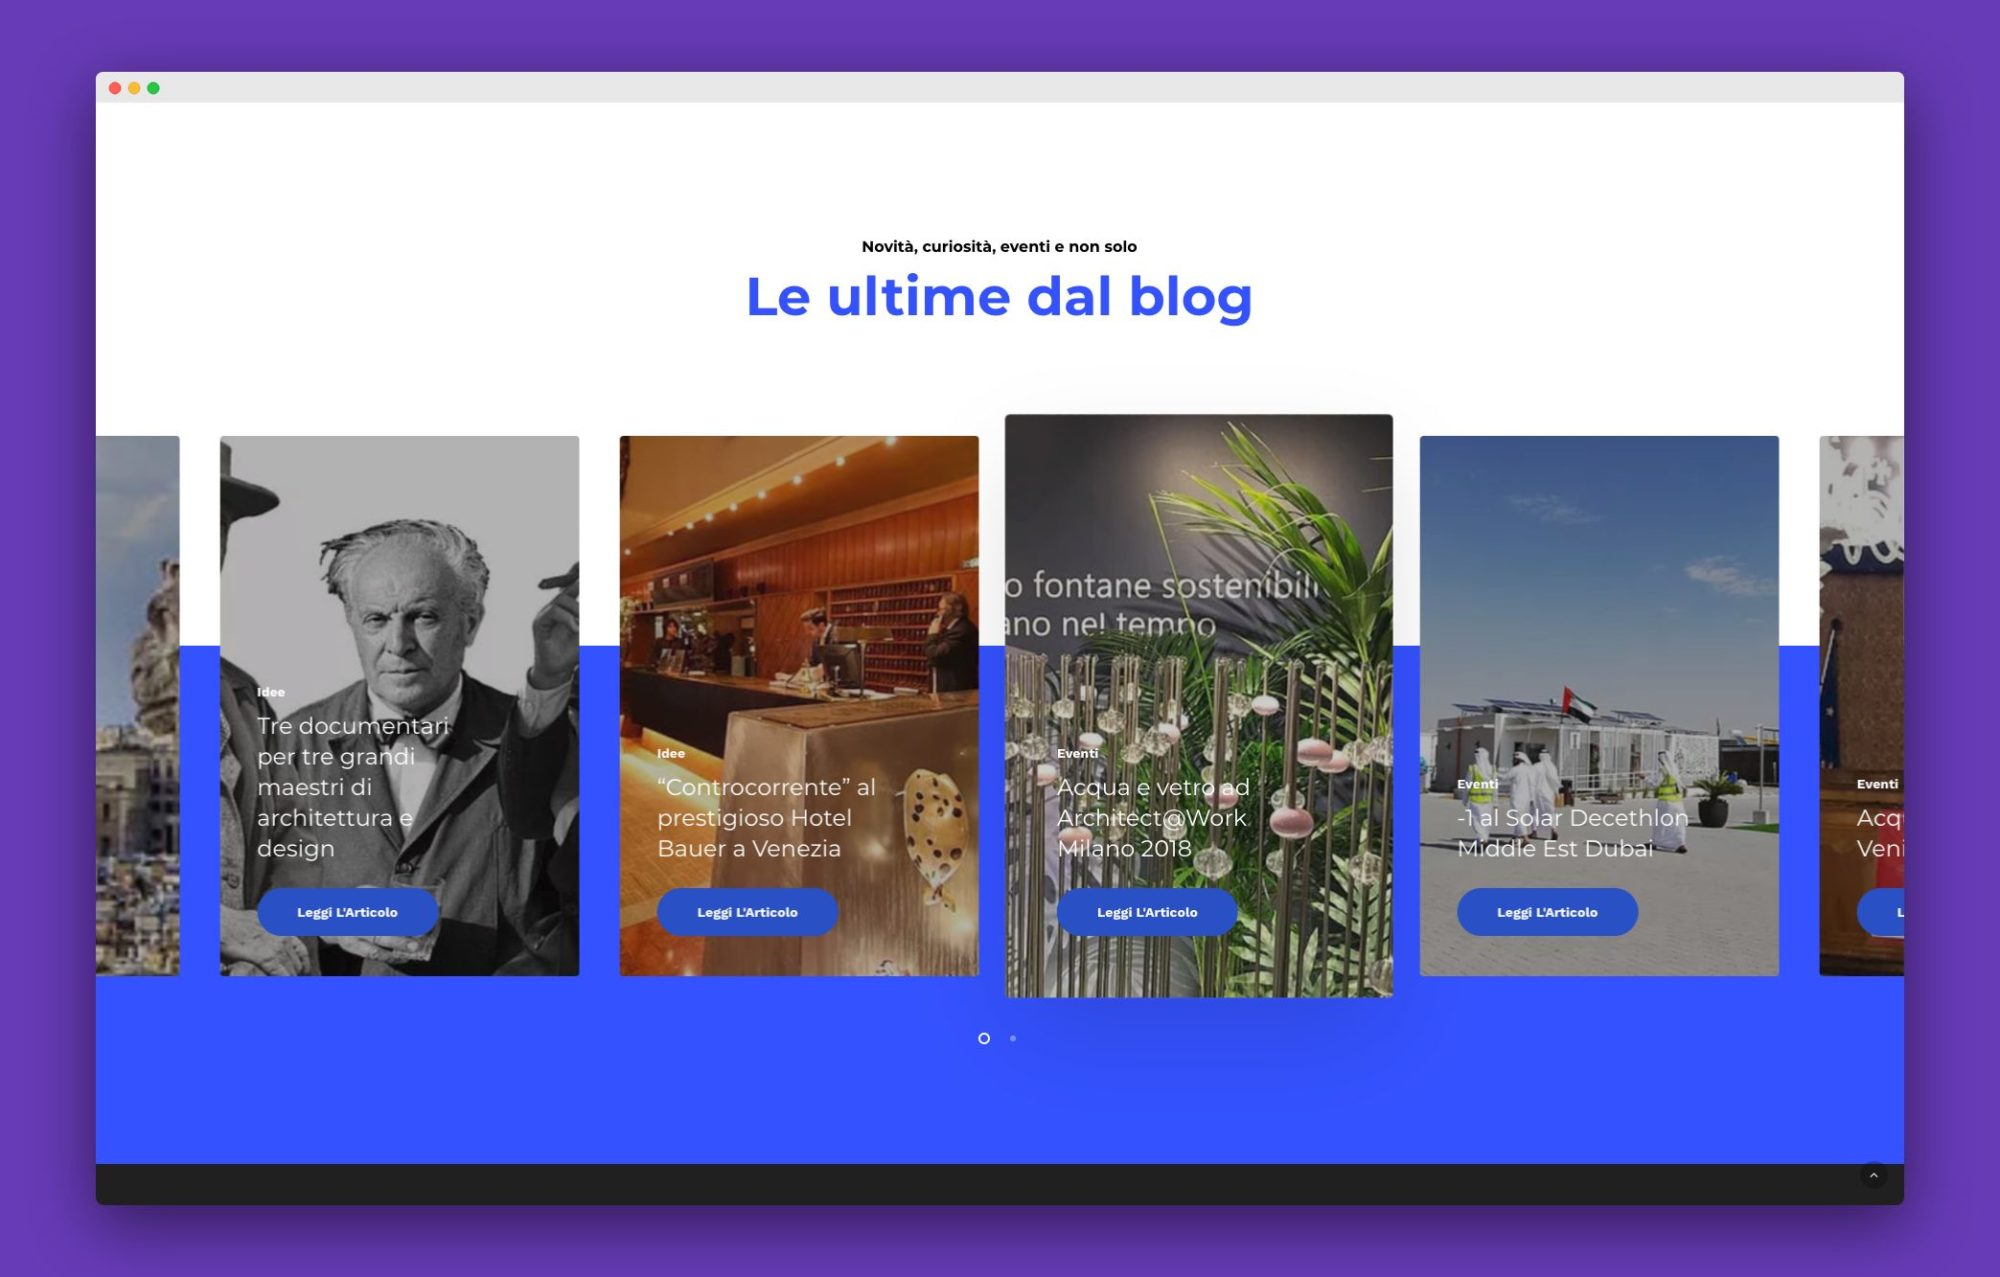 realizzazione sito internet architetto venezia 6 - Favrin Design - Architecture and Design